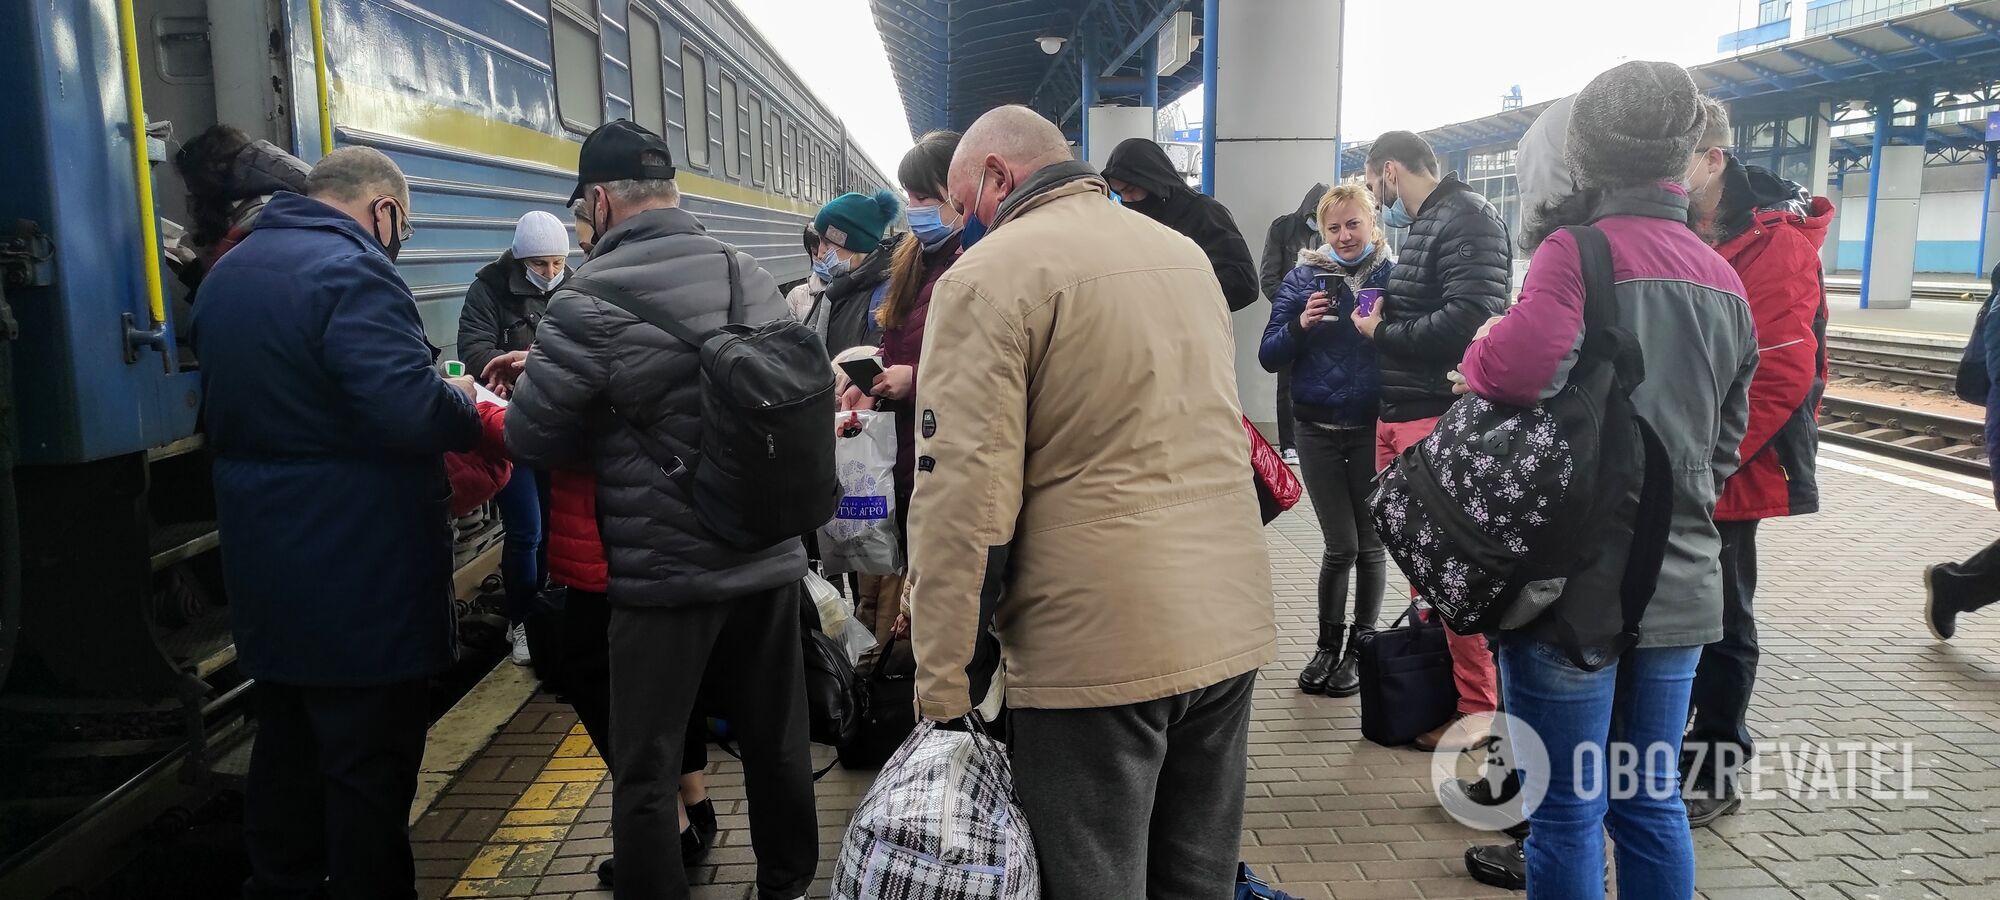 Пасажири починають дотримуватися дистанції після зауваження.